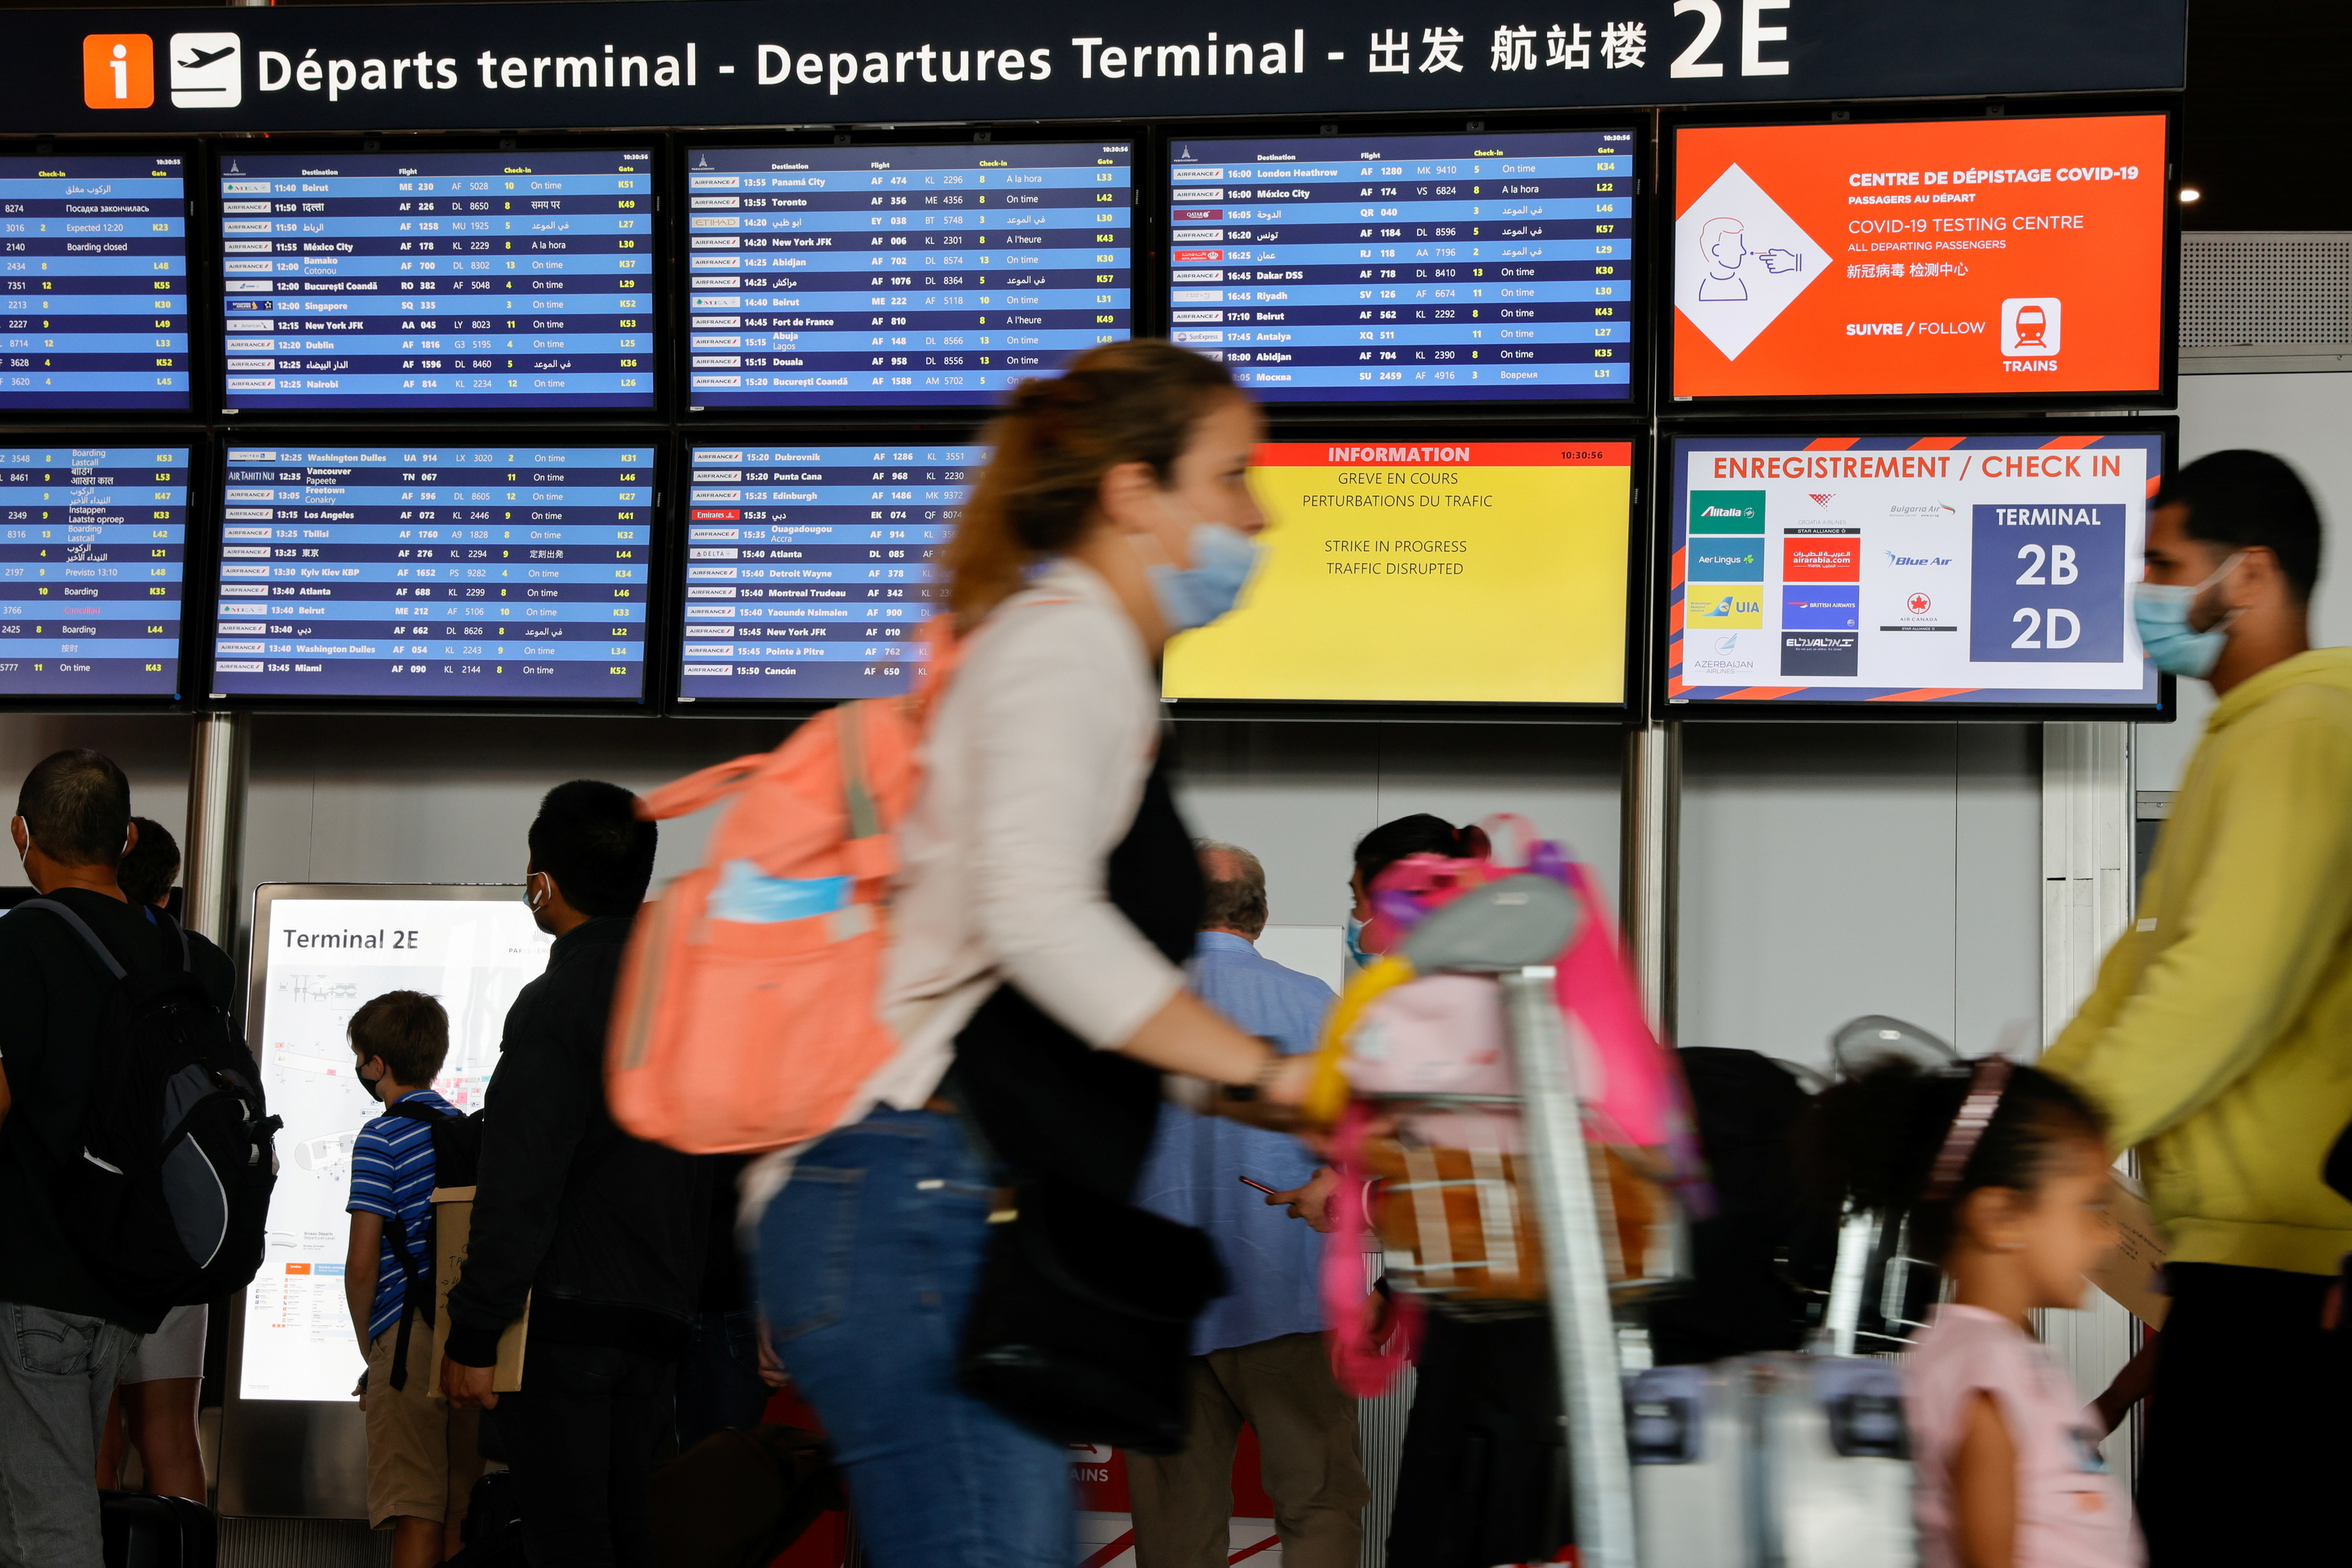 Los pasajeros esperan frente a las pantallas que anuncian los vuelos y la huelga de los trabajadores de Groupe ADP (Aeroports de Paris), en el aeropuerto Charles-de-Gaulle en Roissy, cerca de París